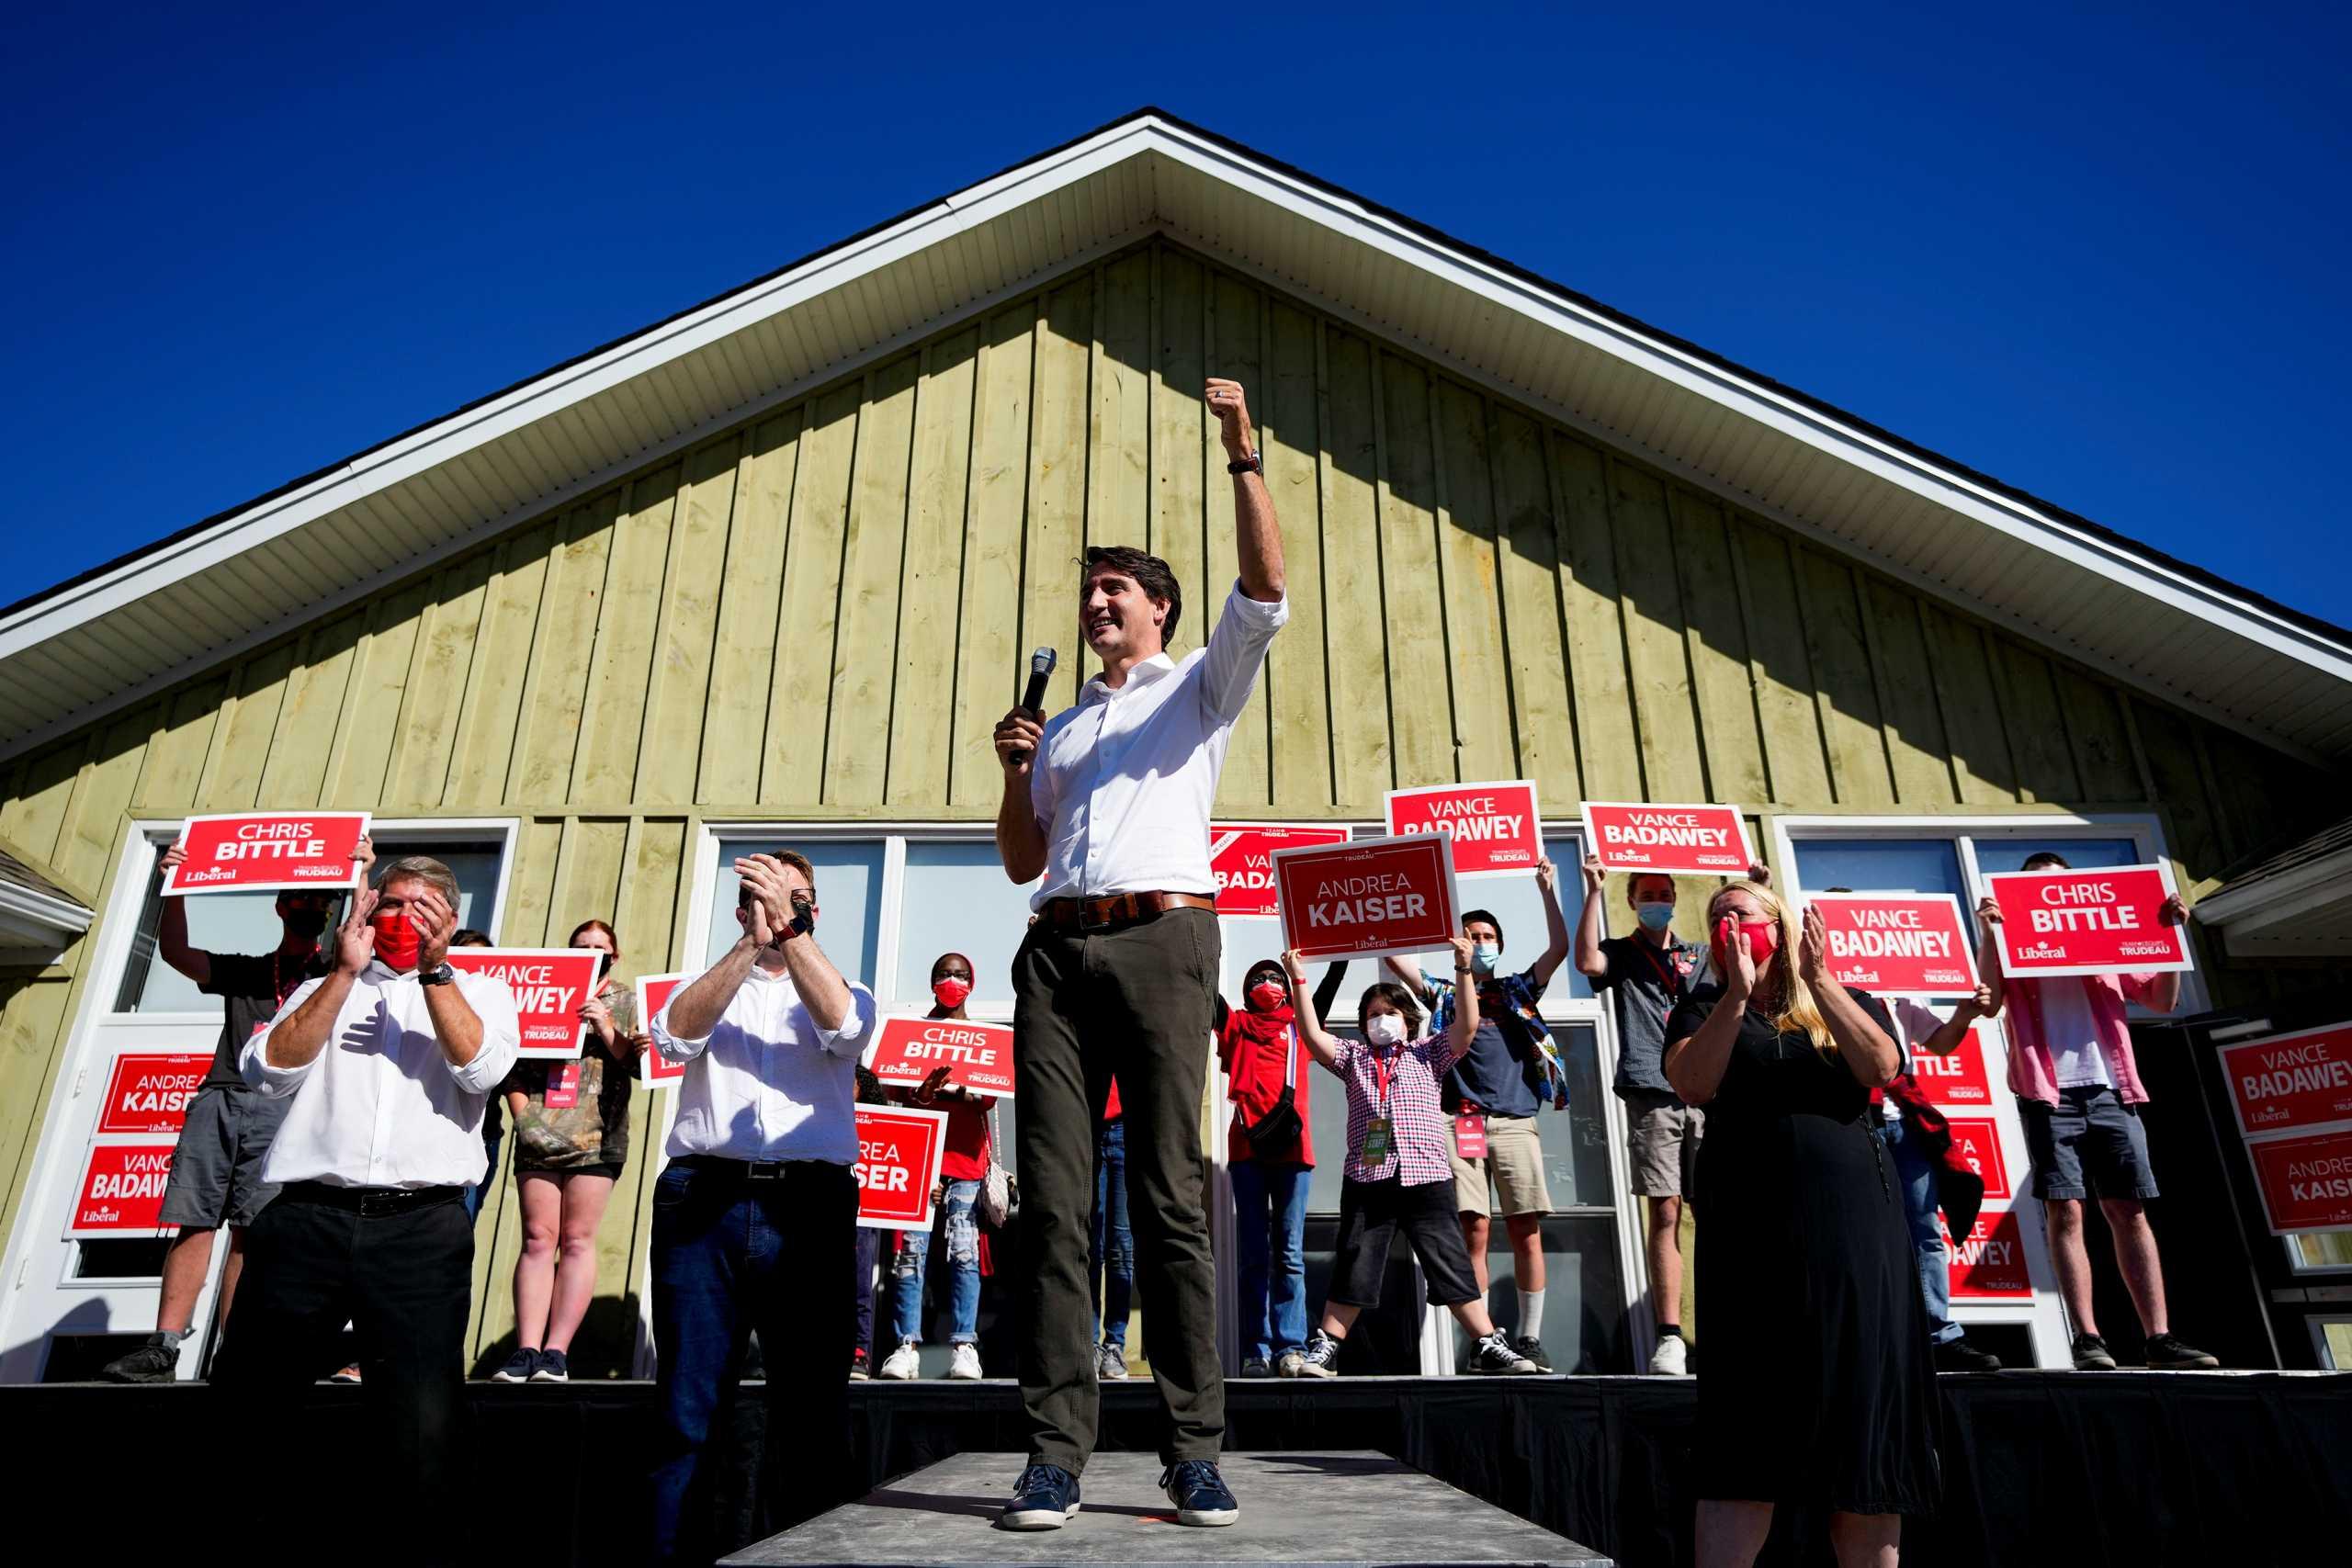 Καναδάς – εκλογές: Τρίτη θητεία του Τζάστιν Τριντό ή αλλαγή στην κυβέρνηση;